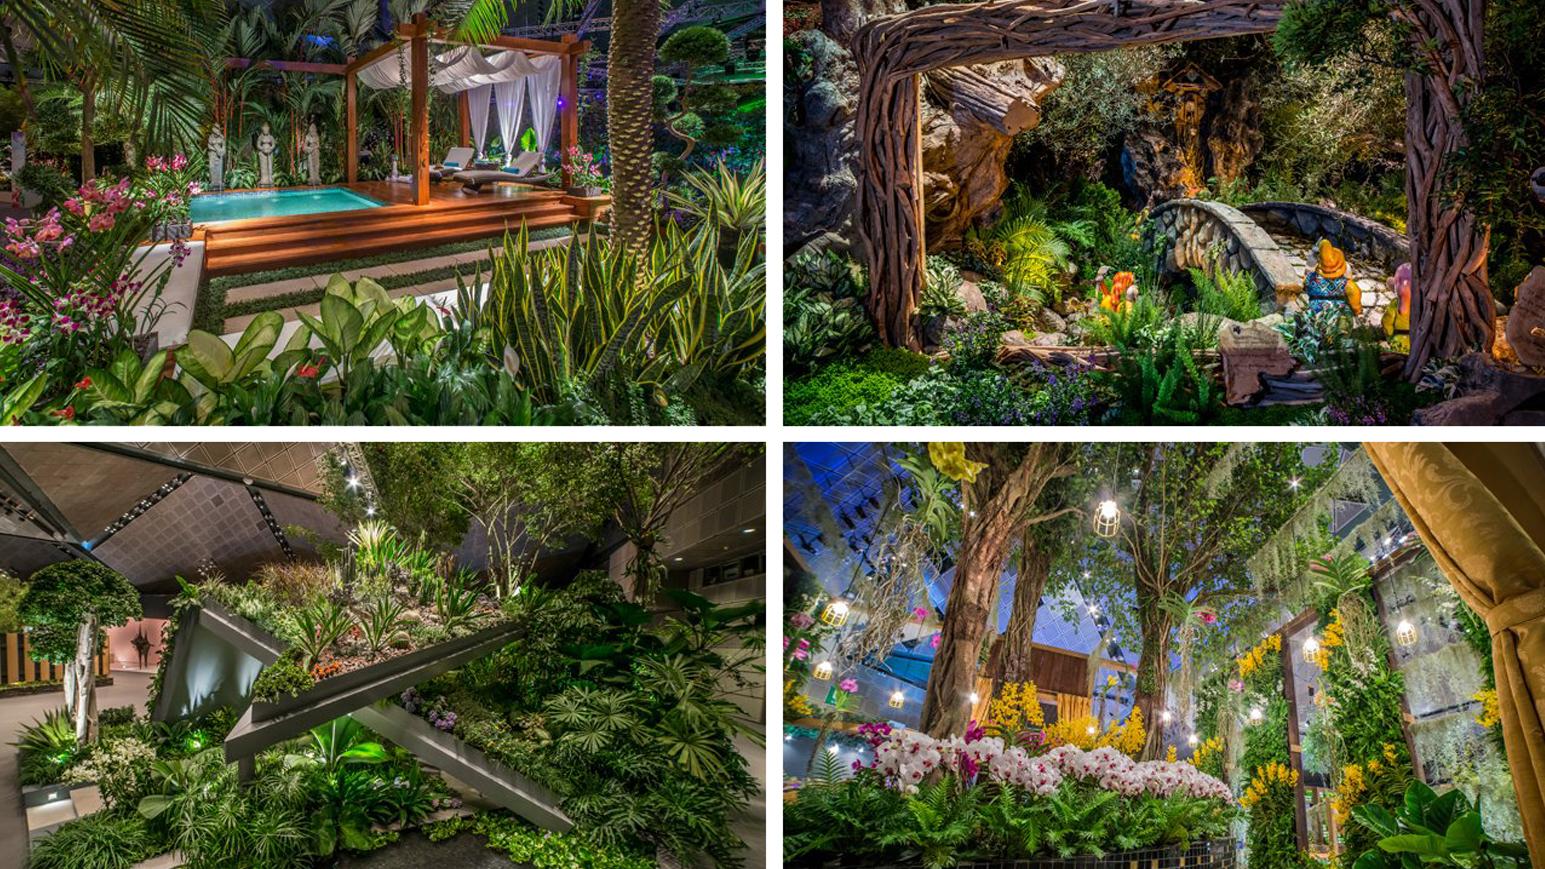 Singapore garden festival 2014 urban green lab for Garden design fest 2014